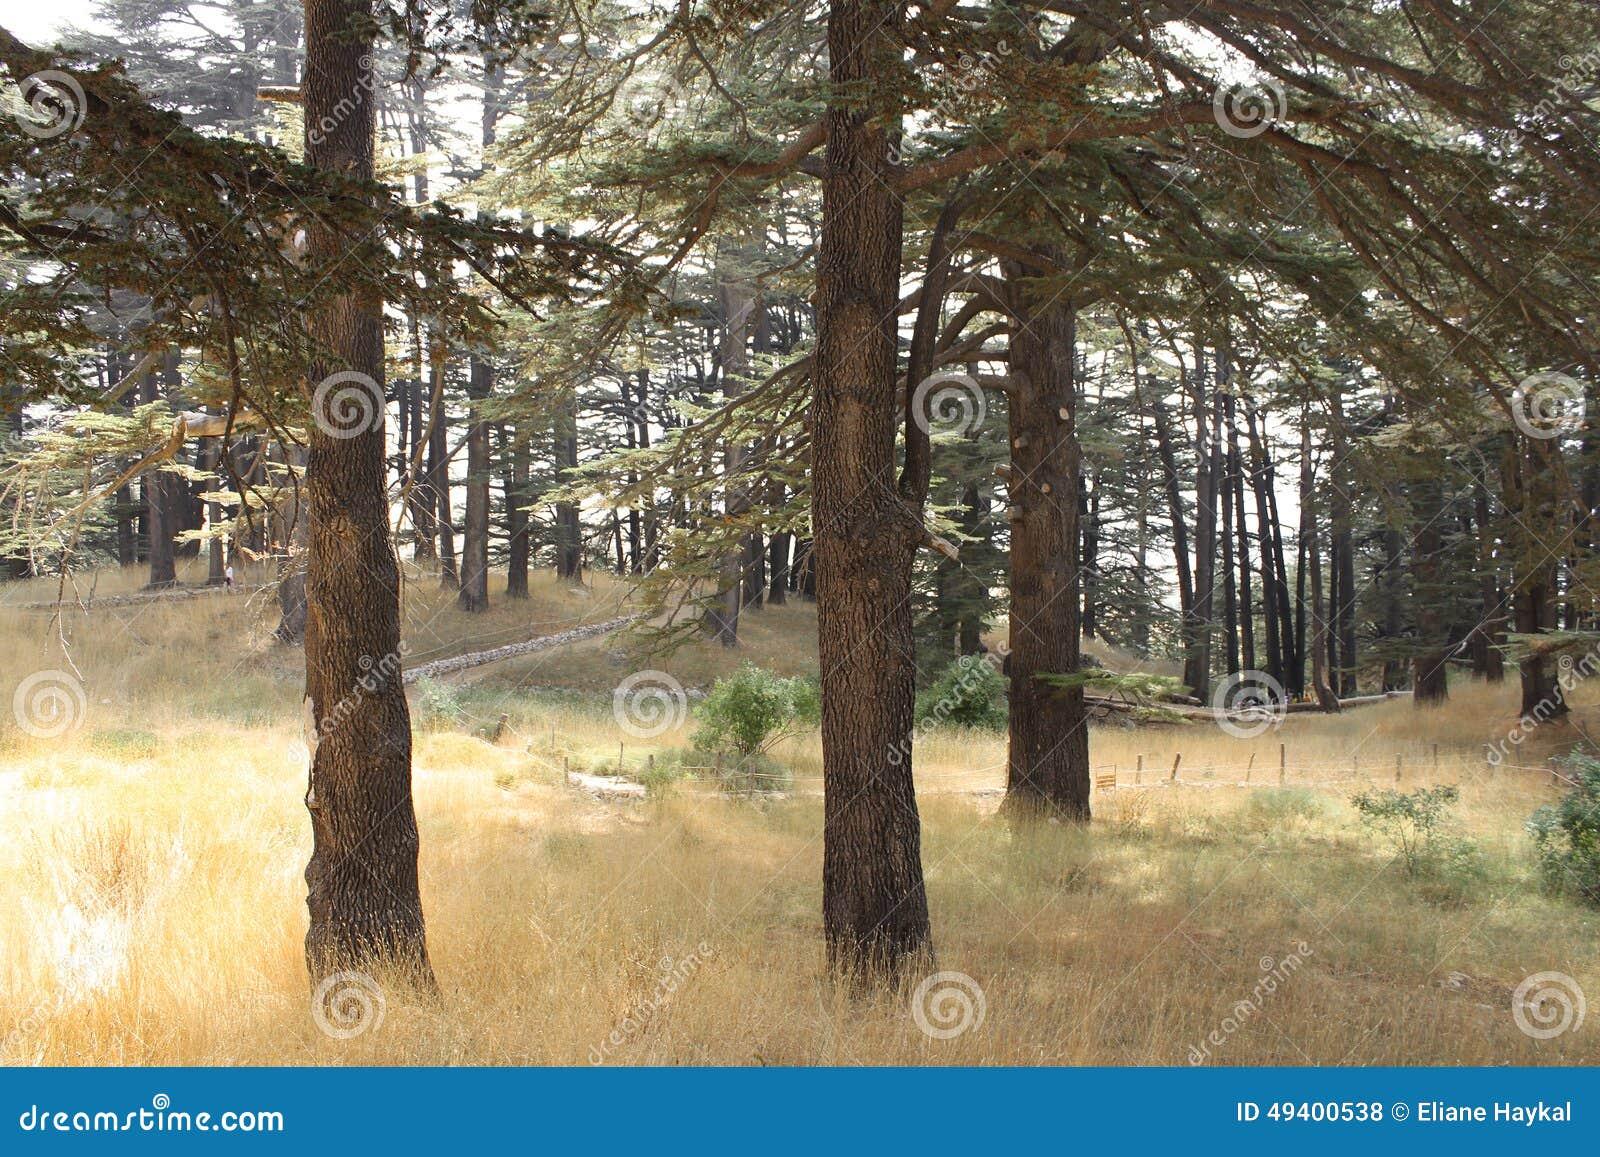 Download Licht im Zedern-Wald stockfoto. Bild von tageslicht, sommer - 49400538